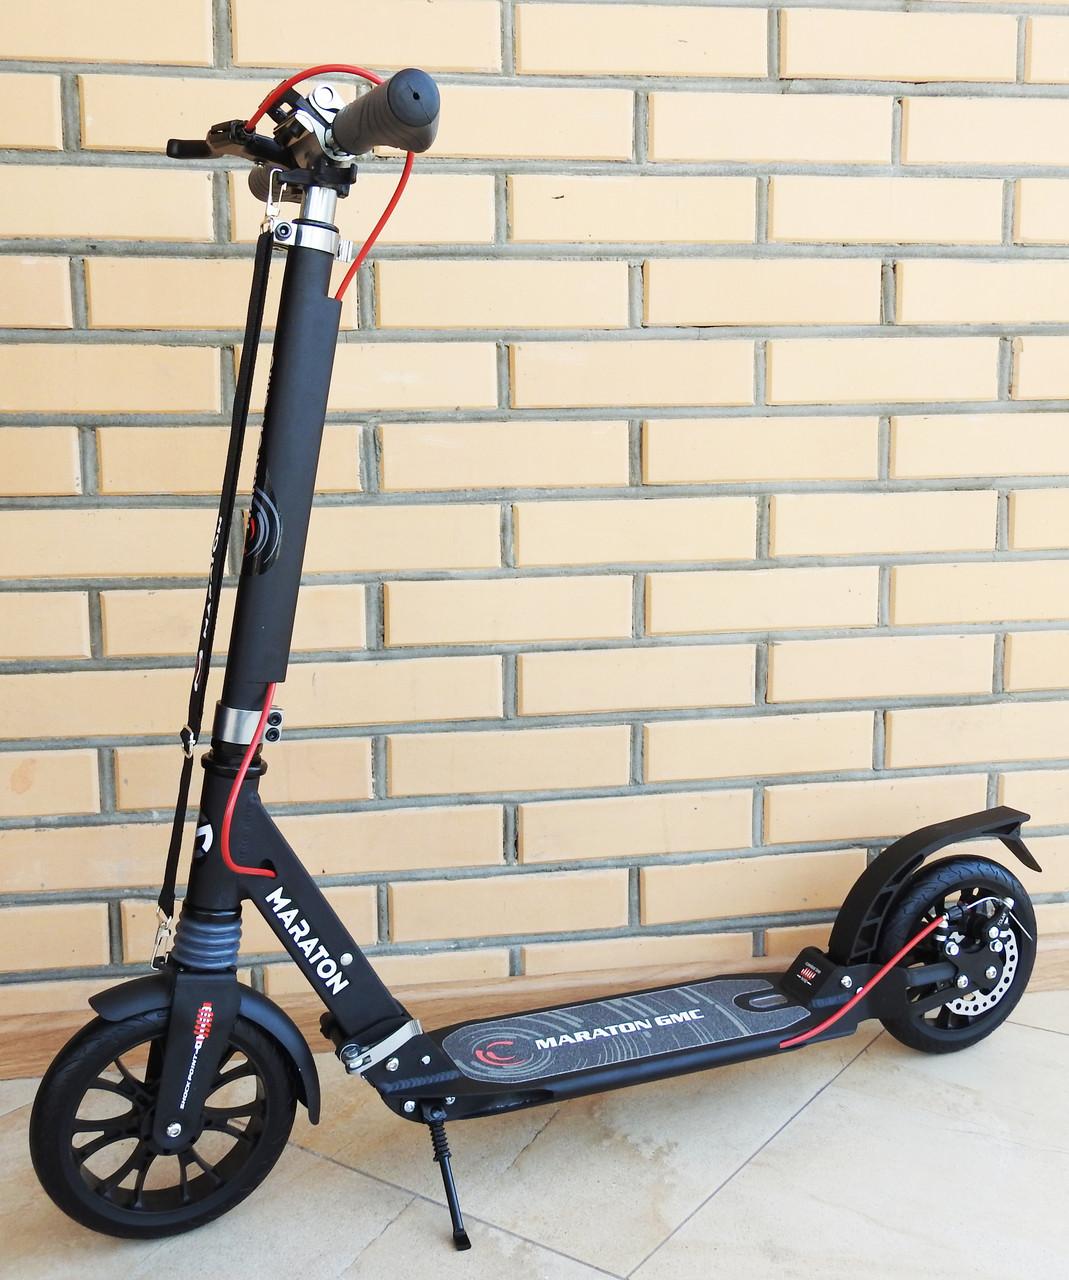 Самокат двухколесный складной Maraton GMC ручной Дисковый тормоз Алюминиевая рама Большие колеса Амортизаторы